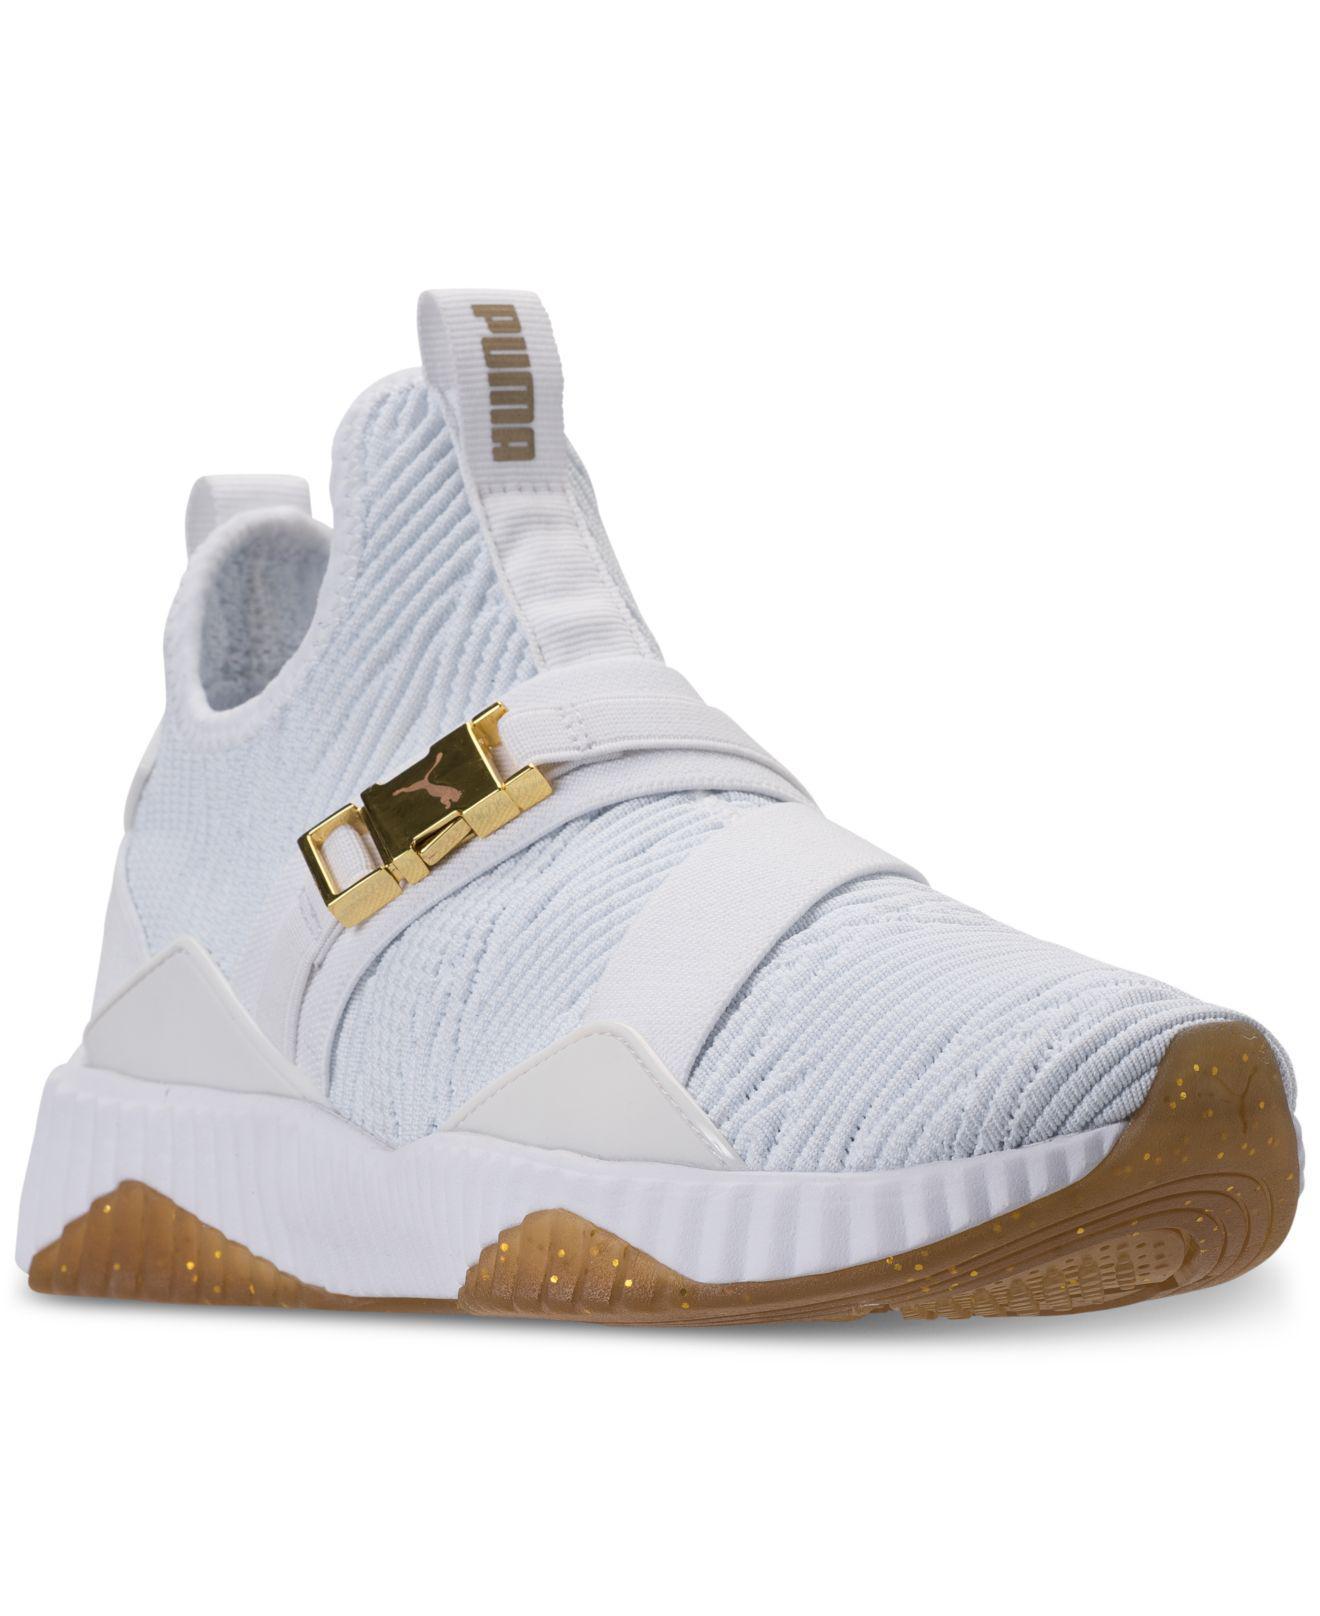 Puma Defy Mid Varsity Sneakers Schwarz Metallic Golden